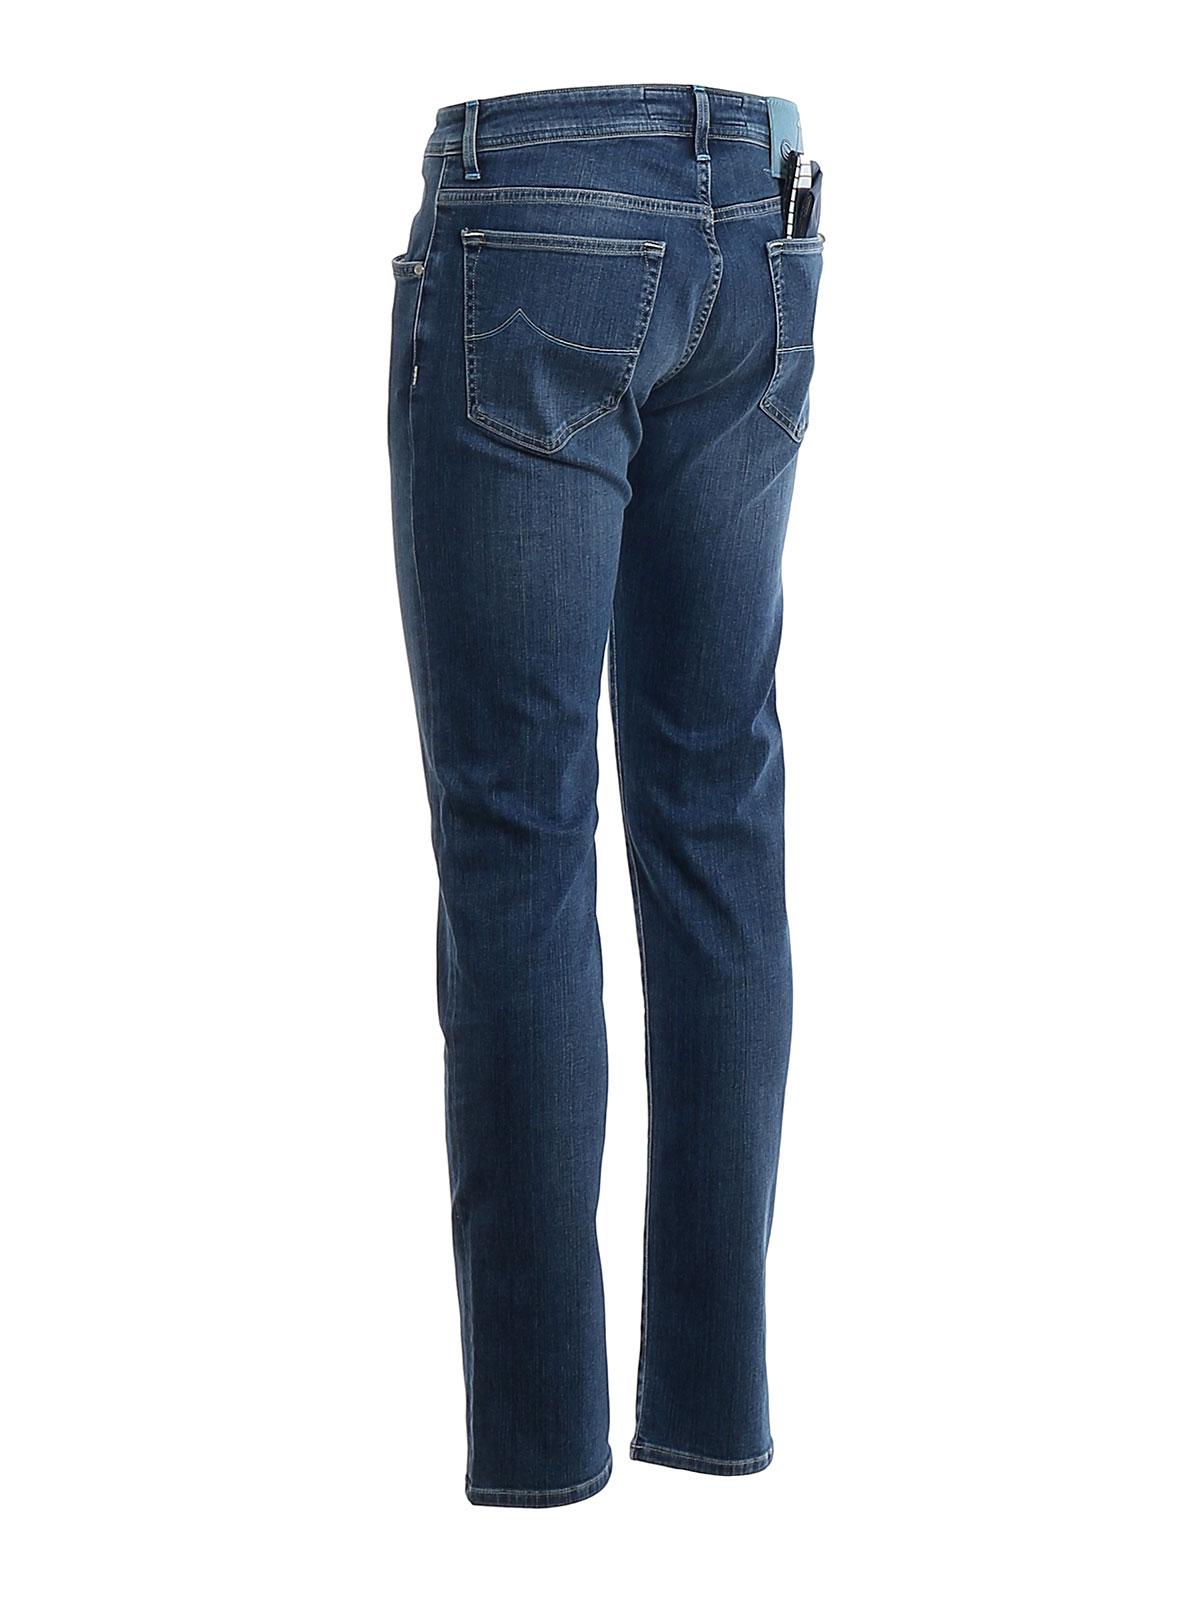 Picture of JACOB COHEN | Men's Style 622 Comfort Denim Jeans